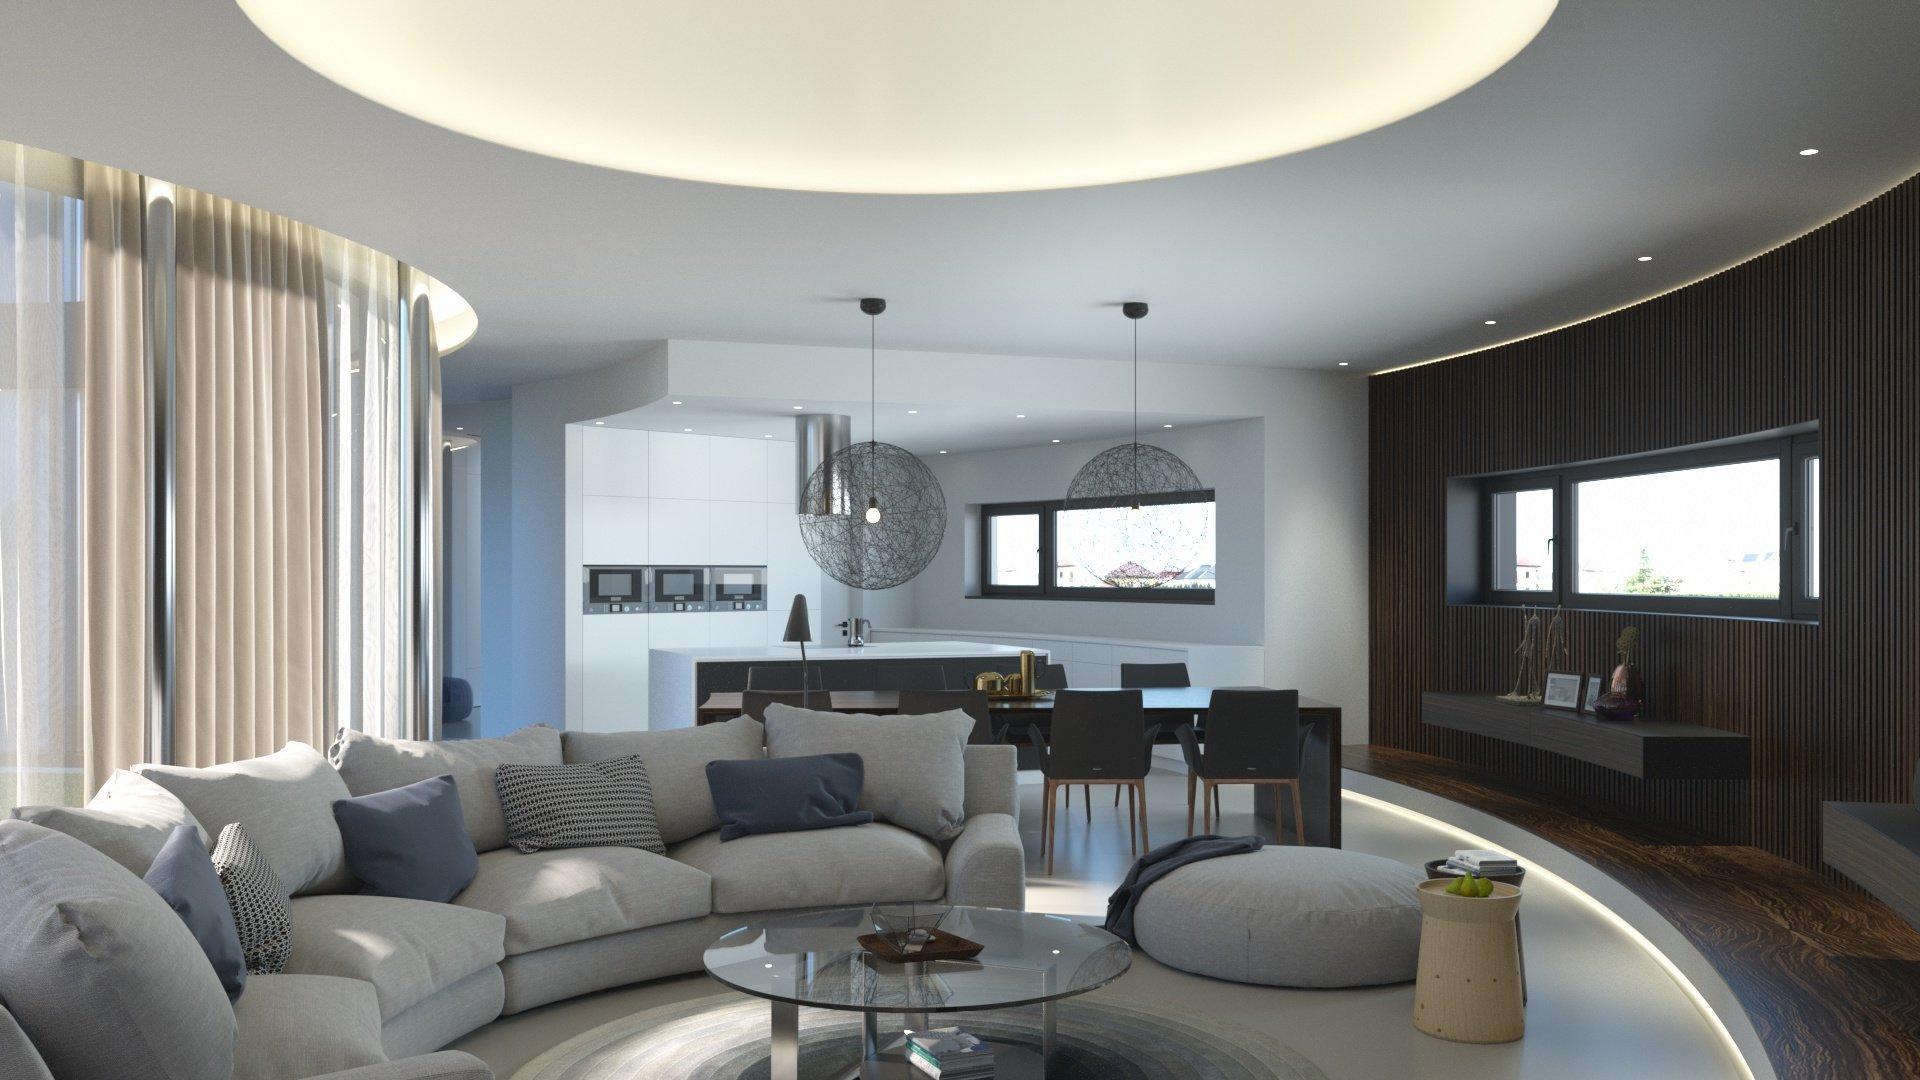 Kuchyň za  obývacím  pokojem